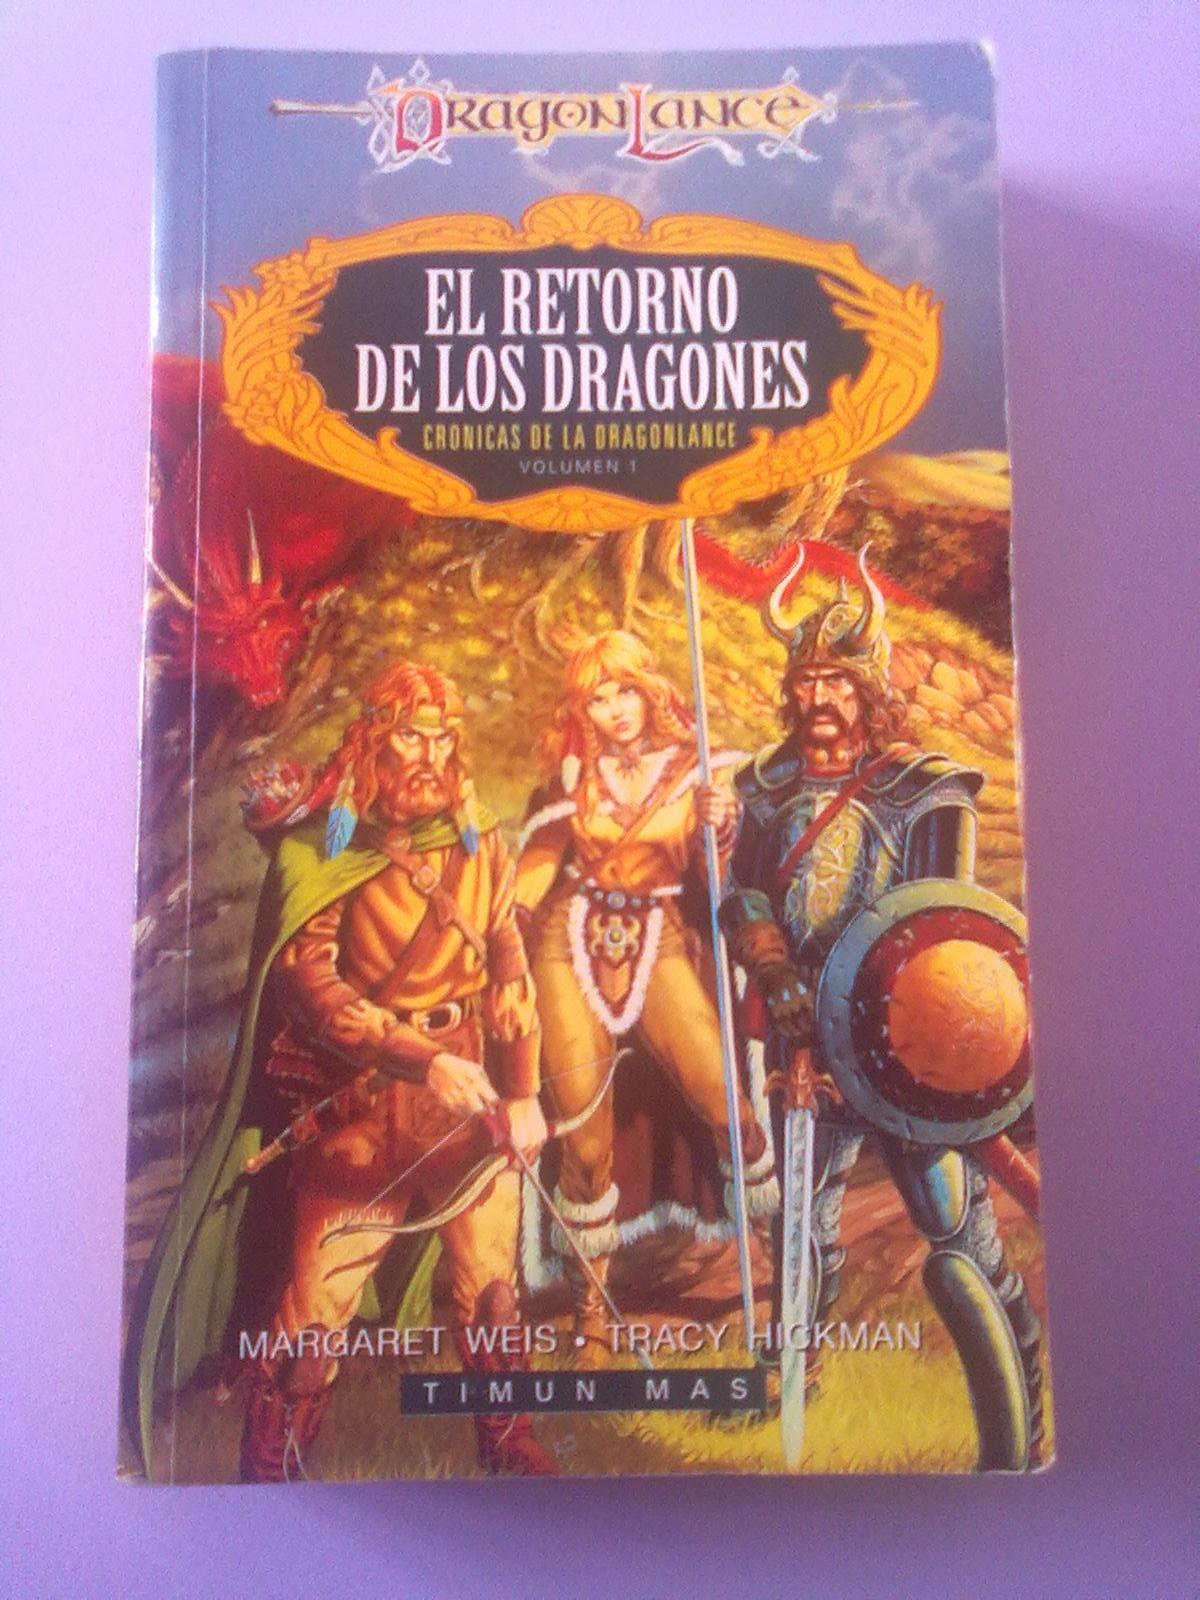 Le por primera vez el retorno de los dragones hace veinte a os recuerdo que me gust mucho y que recurr a l cansado de esas largas descripciones del